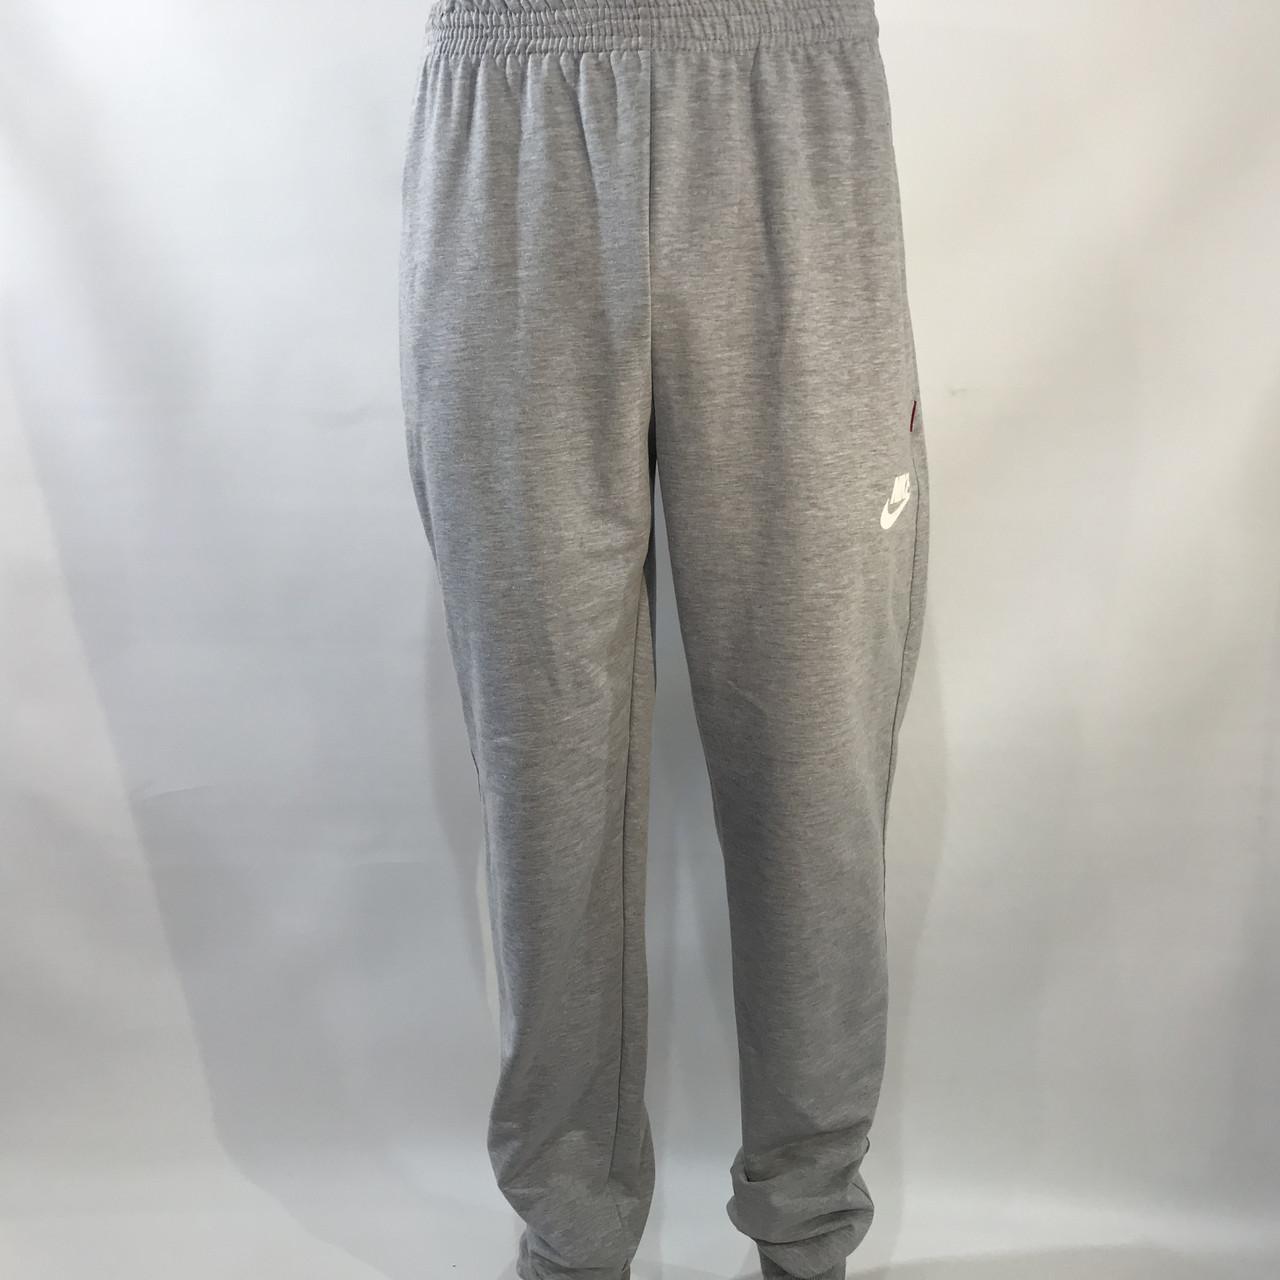 Спортивные штаны Nike под манжет / трикотажные / светло-серые 46-54 р.